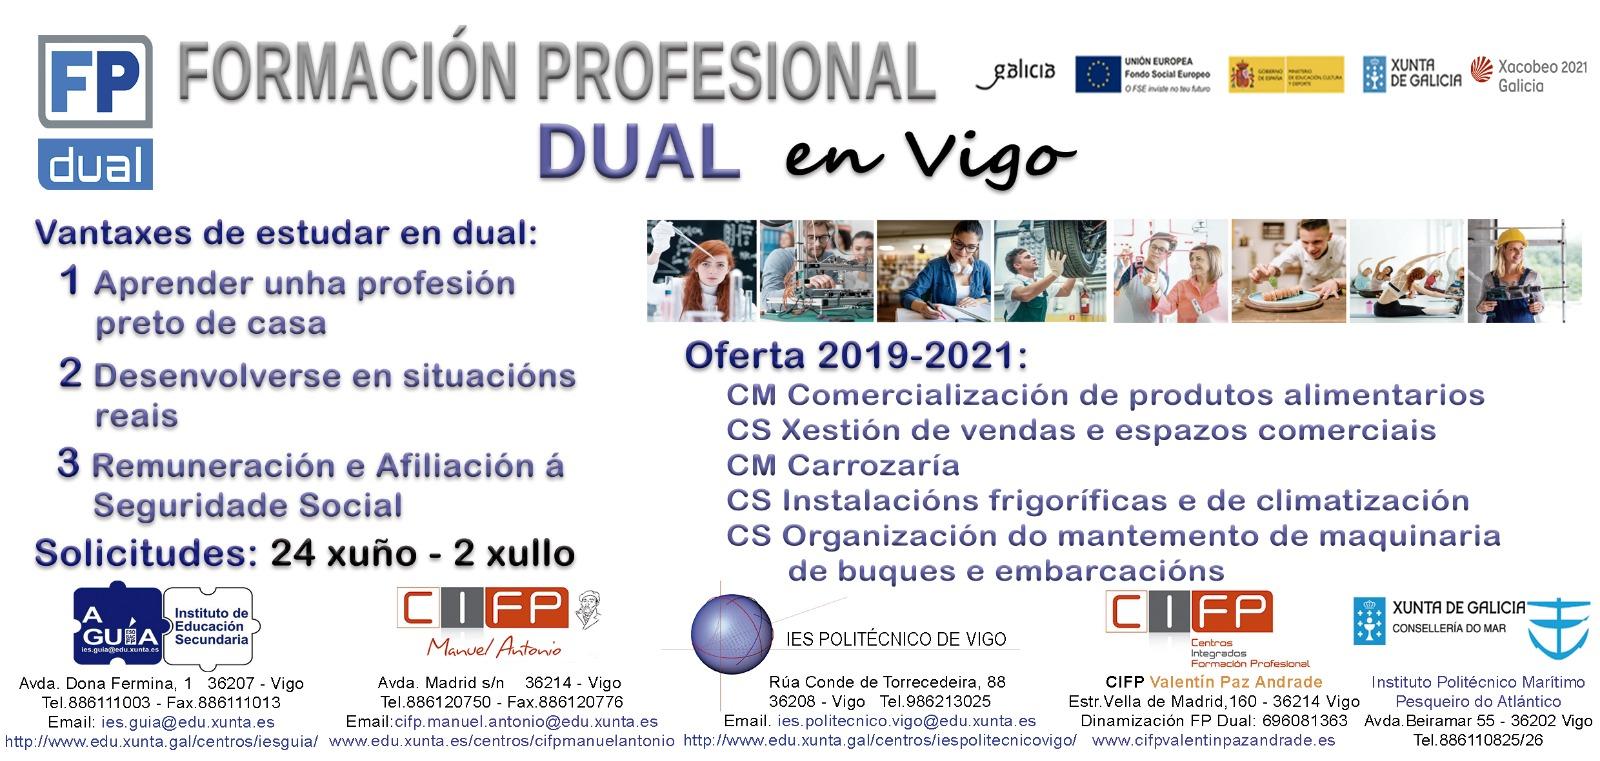 Calendario Laboral Pontevedra 2020.Ies Politecnico De Vigo